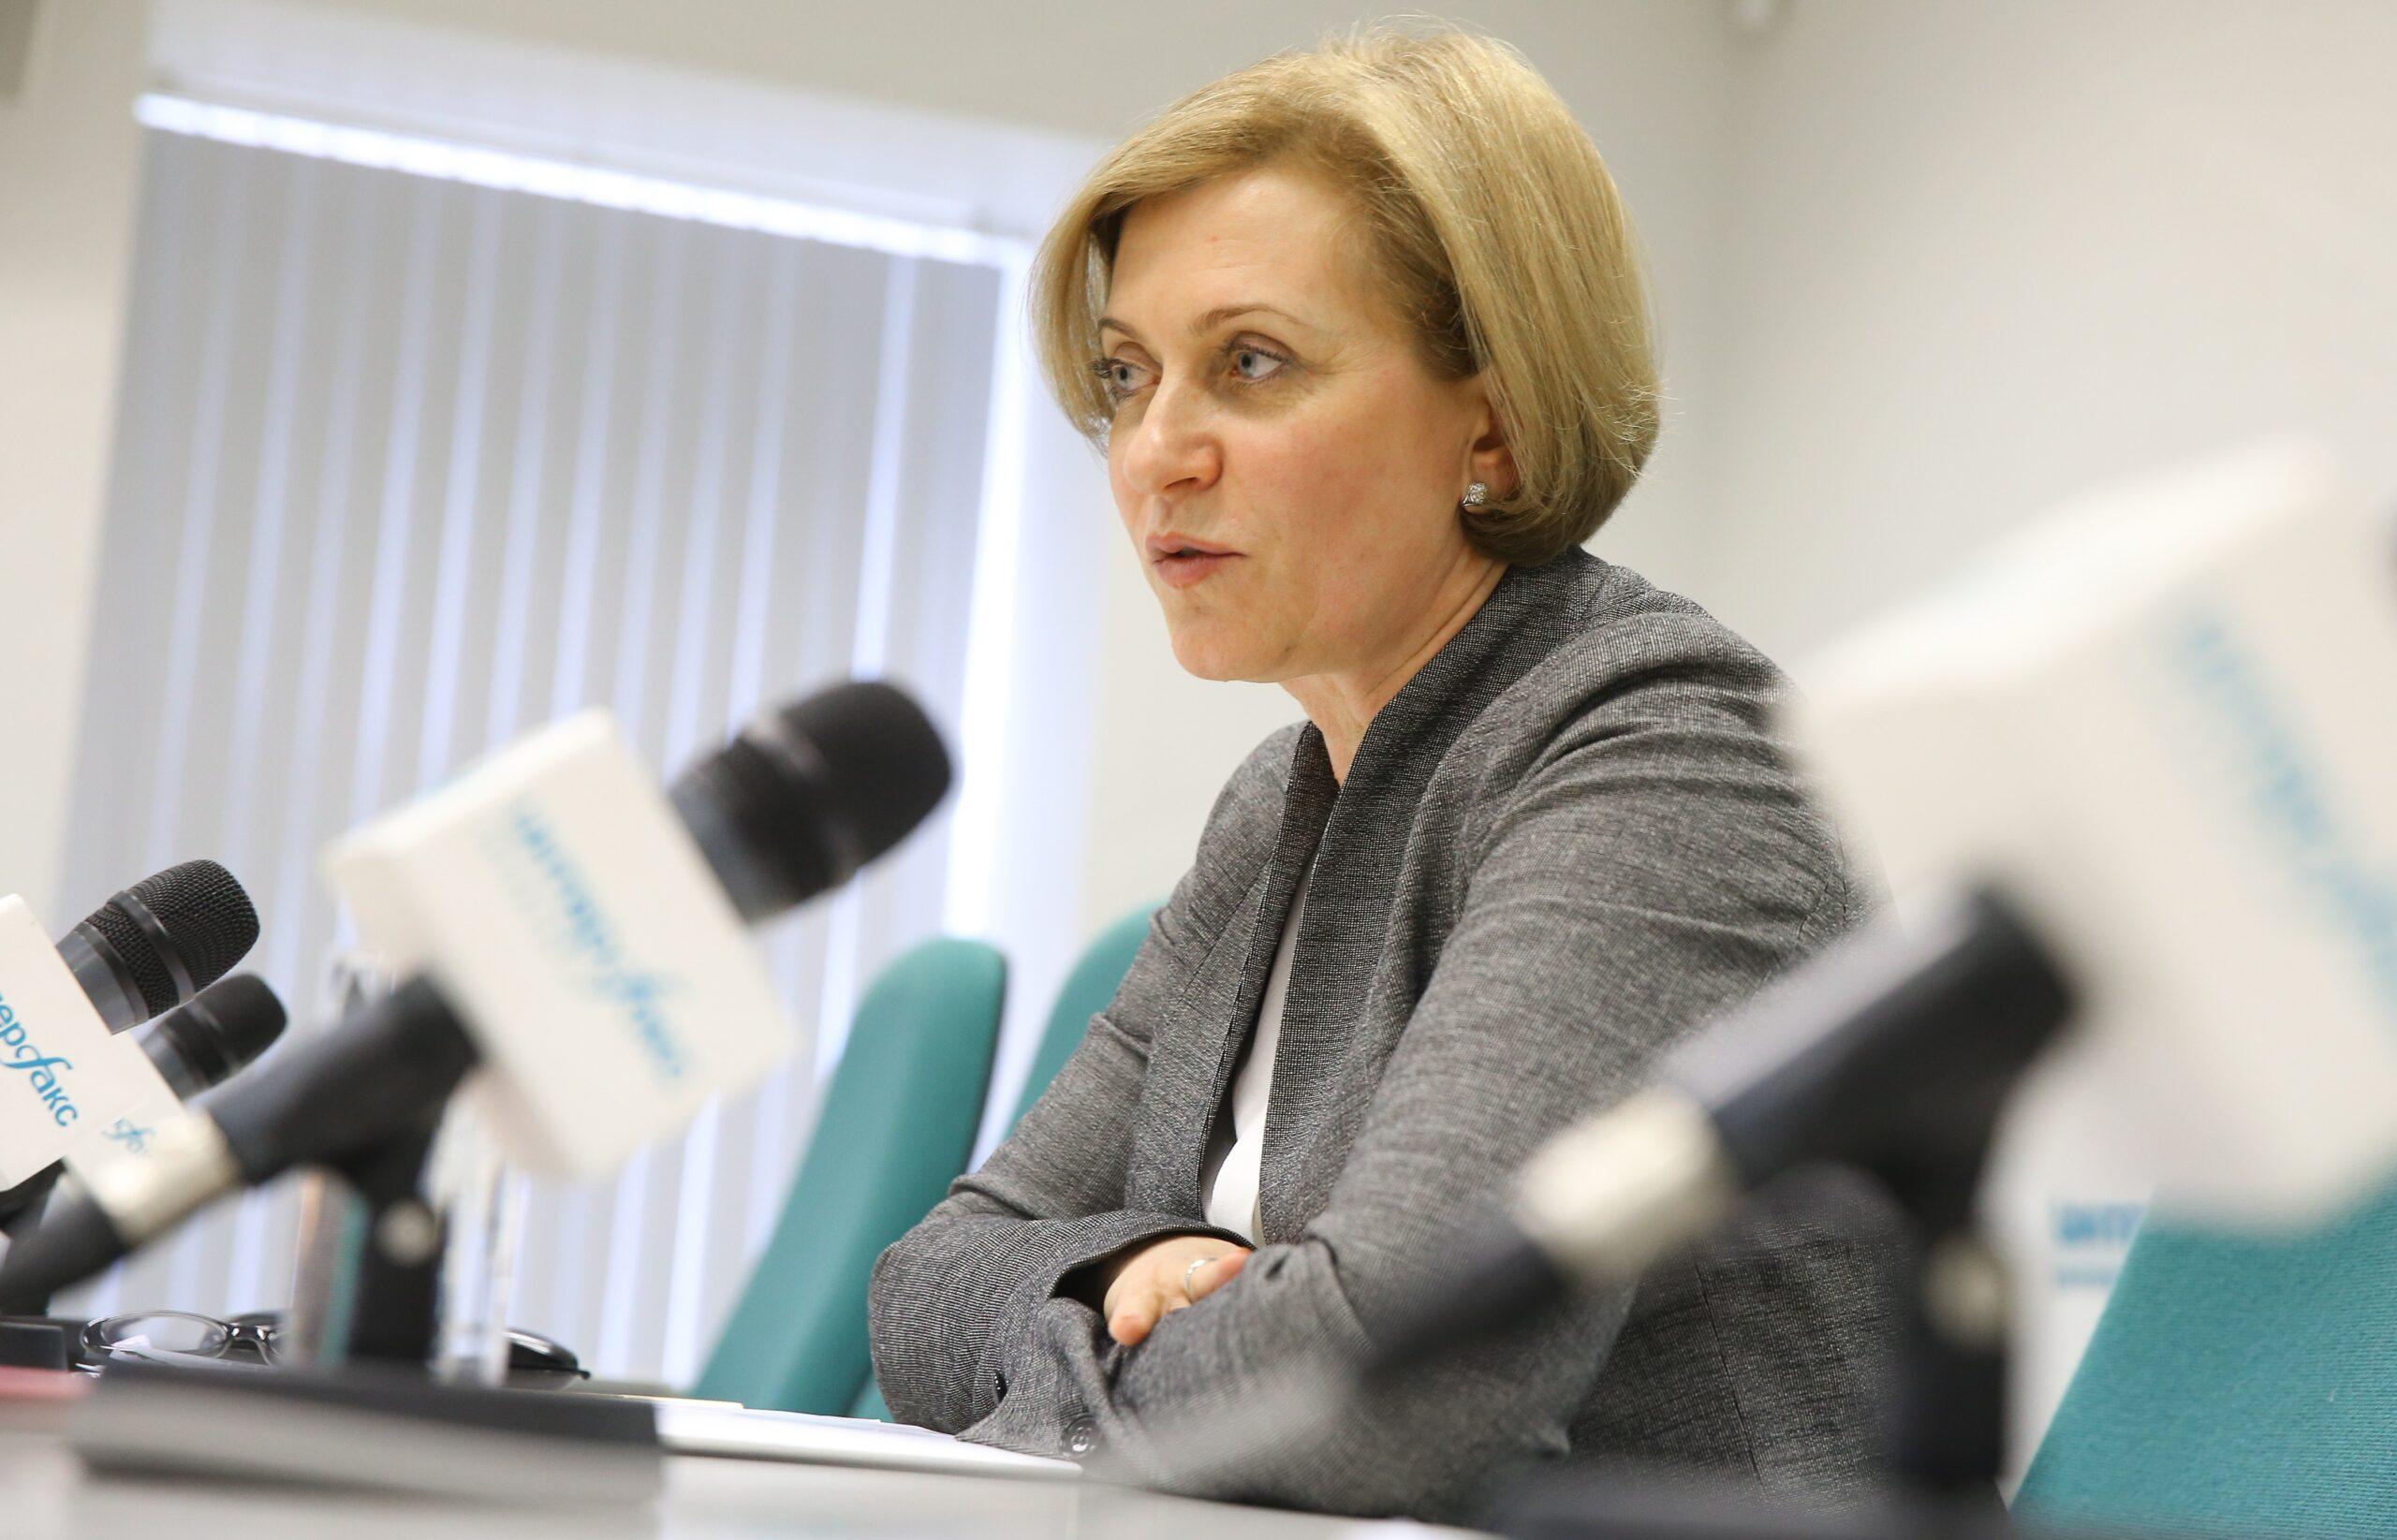 Роспотребнадзор до 2022 года продлил действие санитарных правил при коронавирусе для школ и детсадов